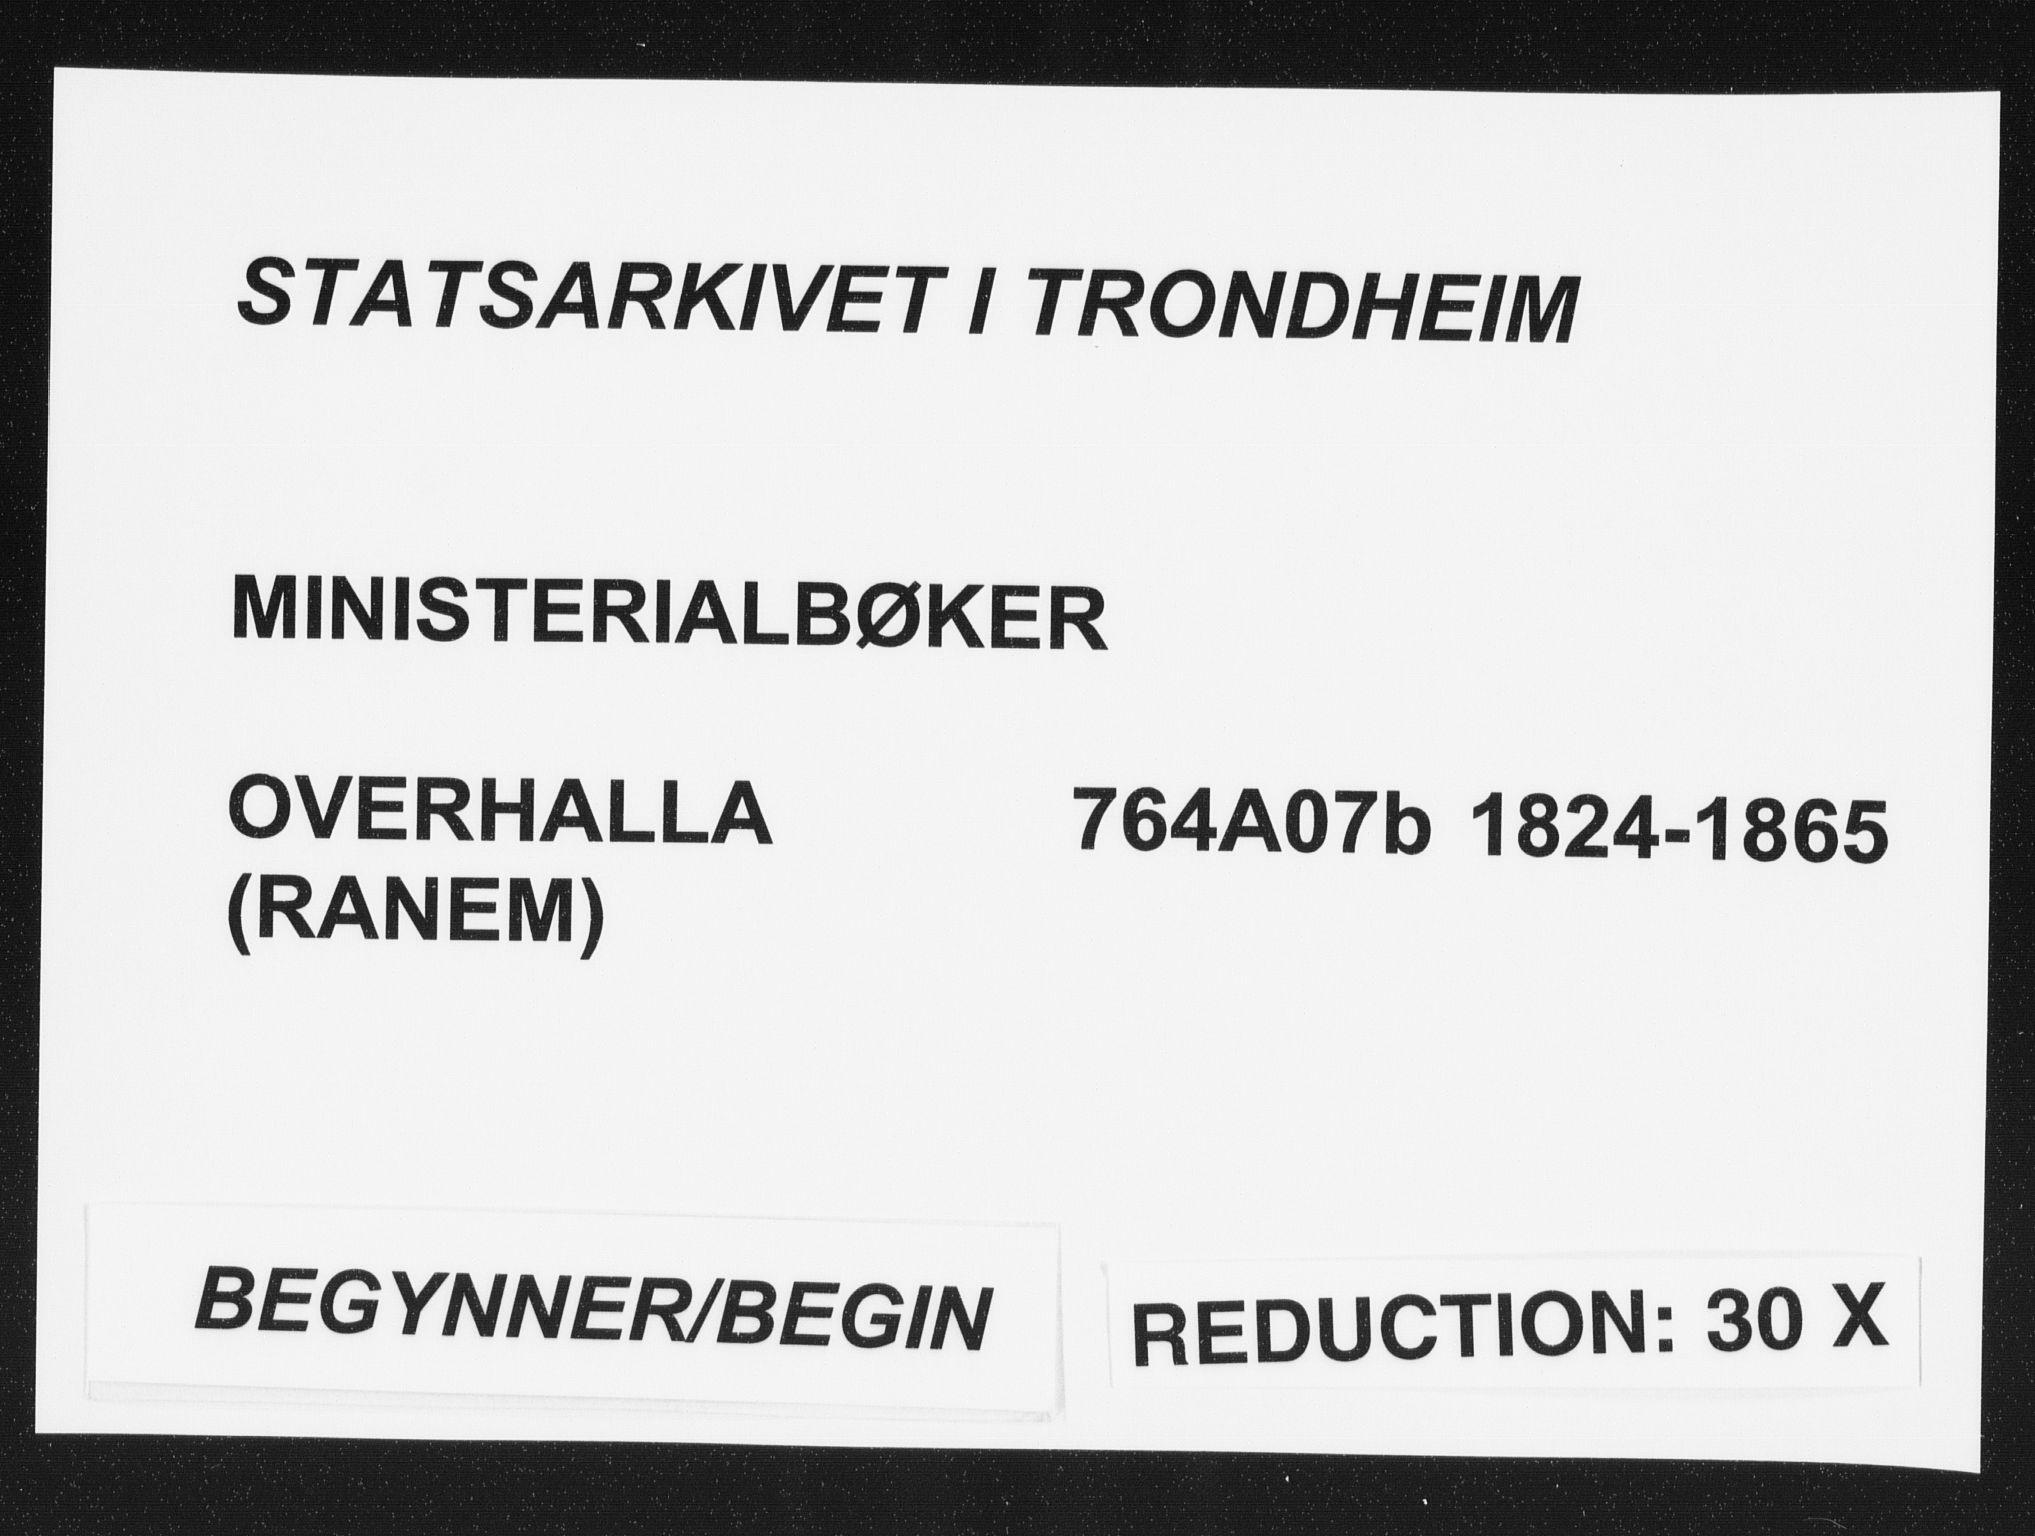 SAT, Ministerialprotokoller, klokkerbøker og fødselsregistre - Nord-Trøndelag, 764/L0552: Ministerialbok nr. 764A07b, 1824-1865